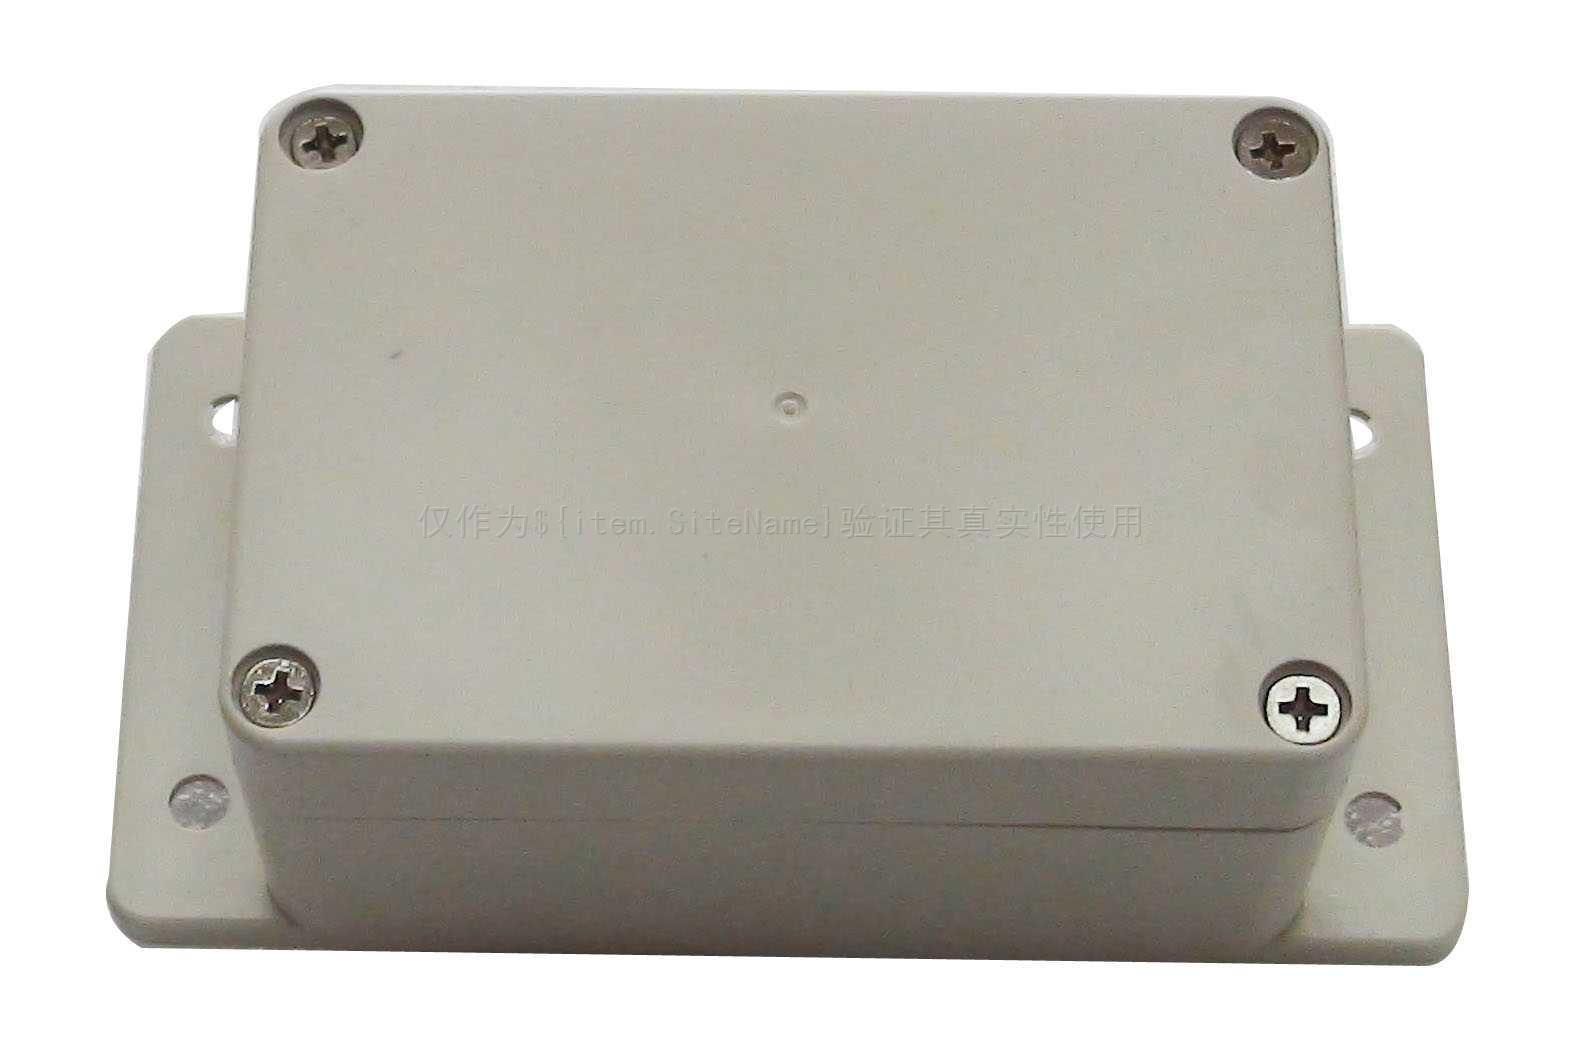 为什么穿梭车地标传感器被广泛应用在立体仓库?